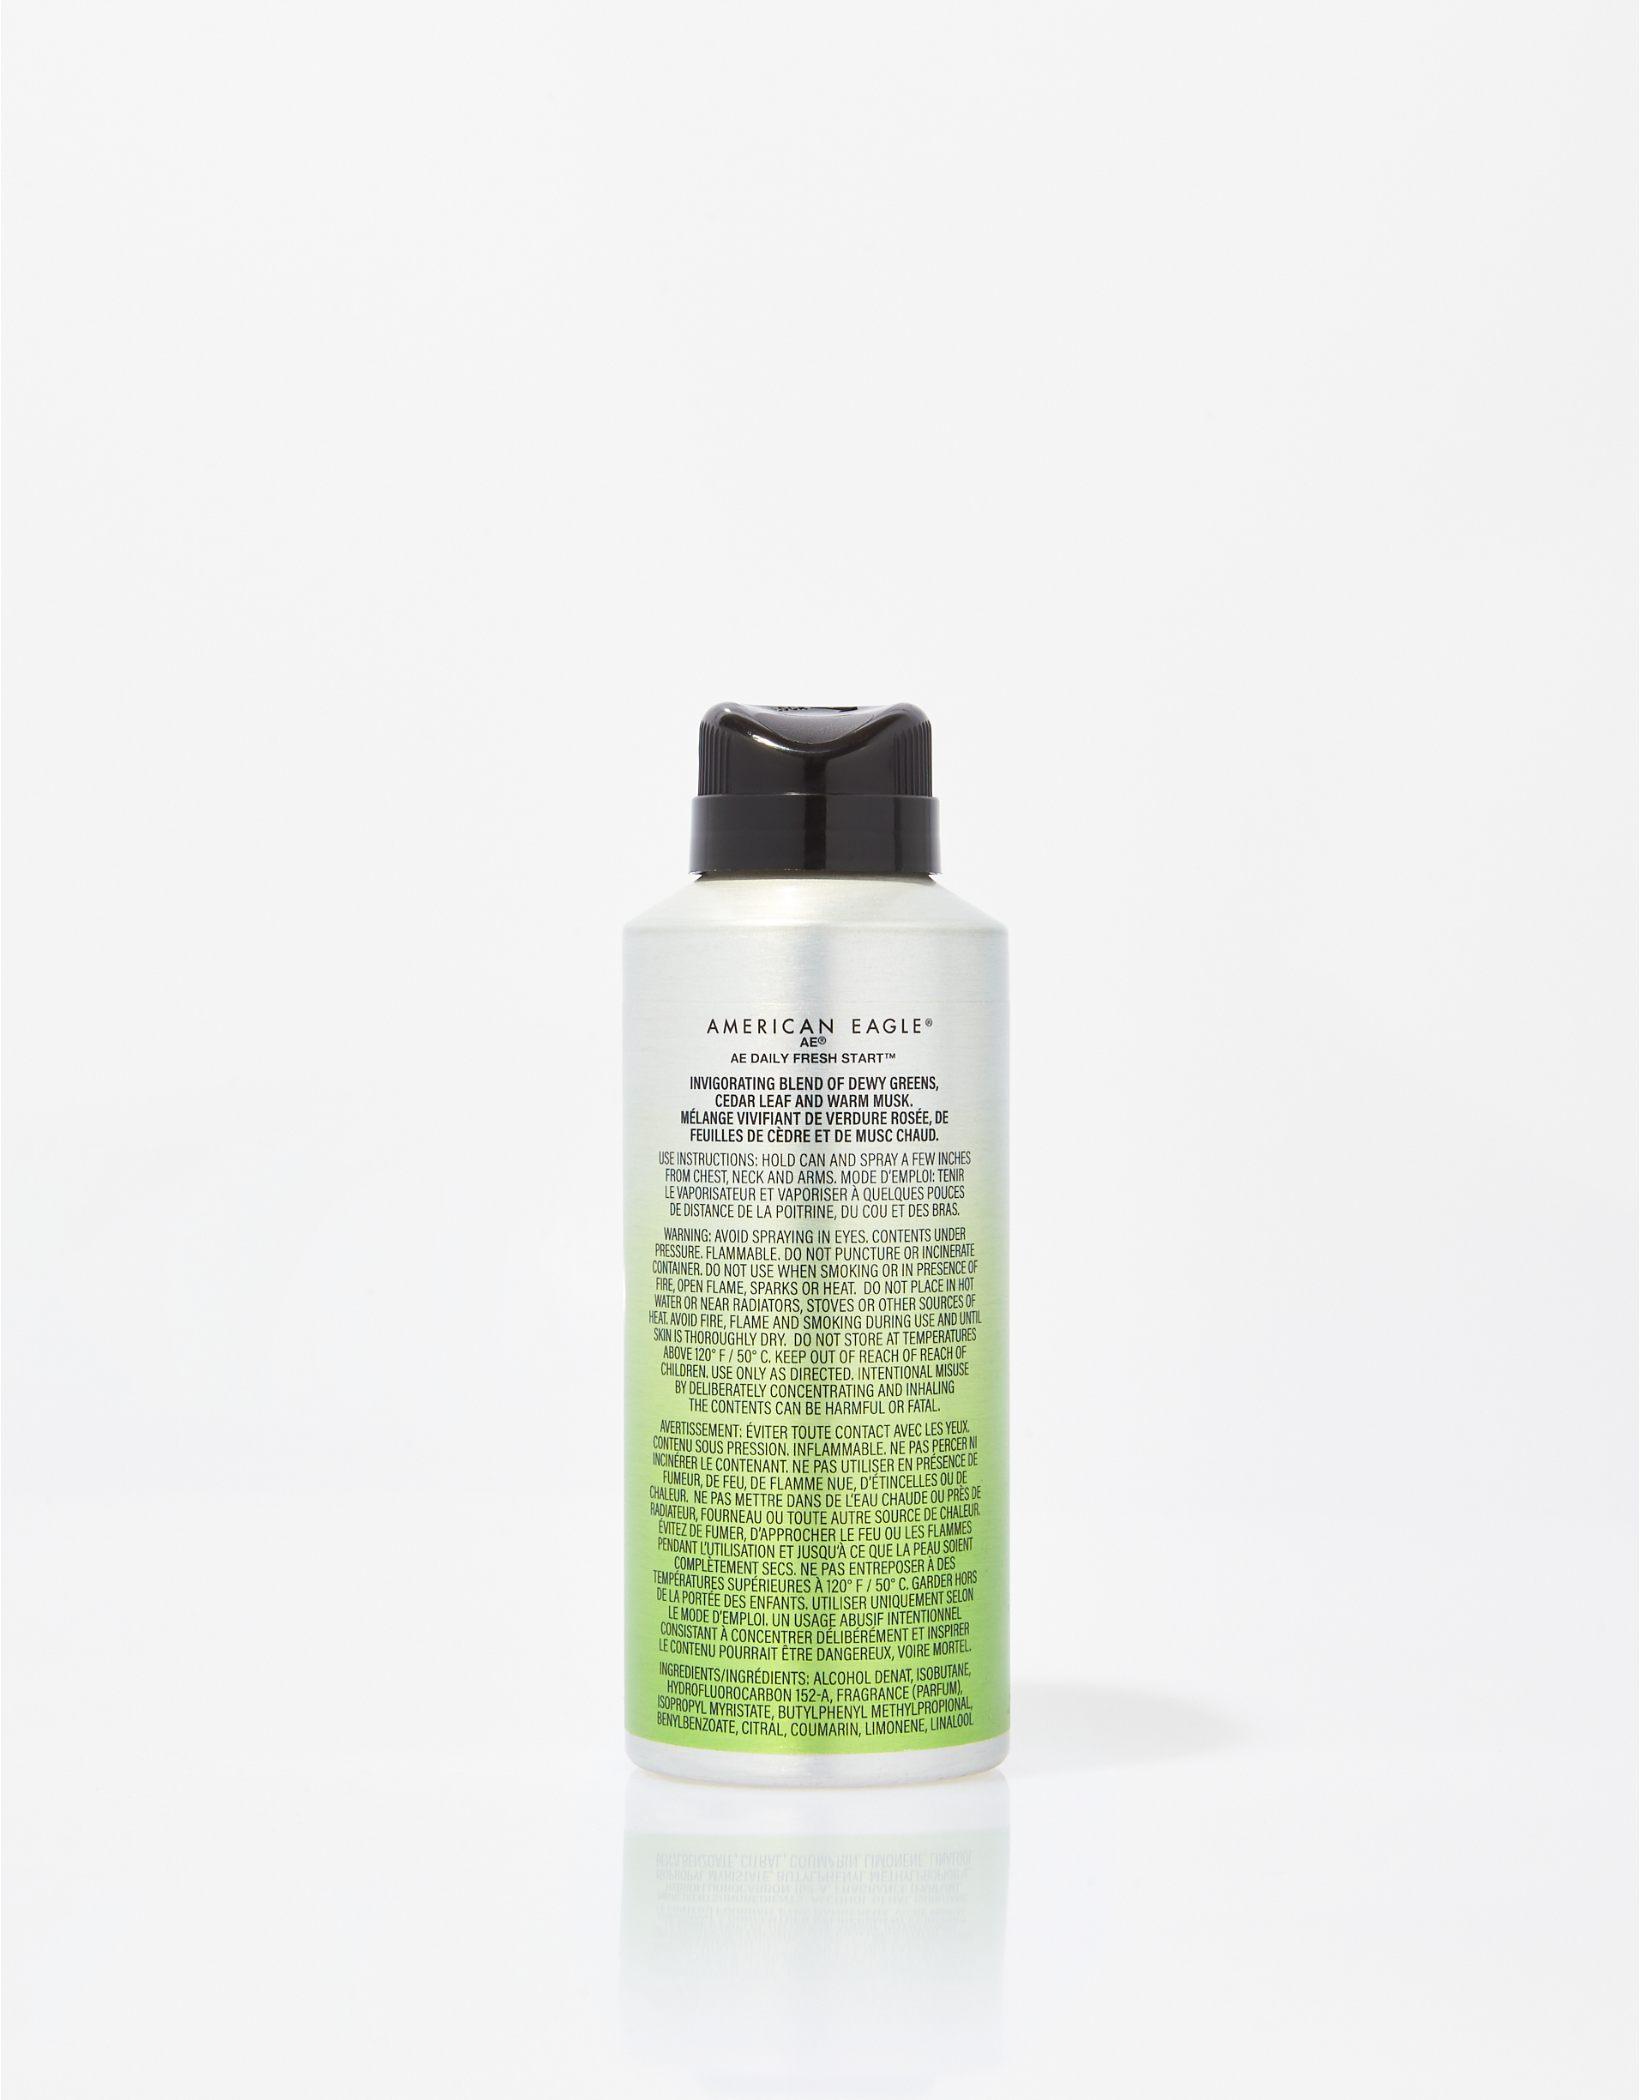 AEO Daily Fresh Start 4.5oz Body Spray